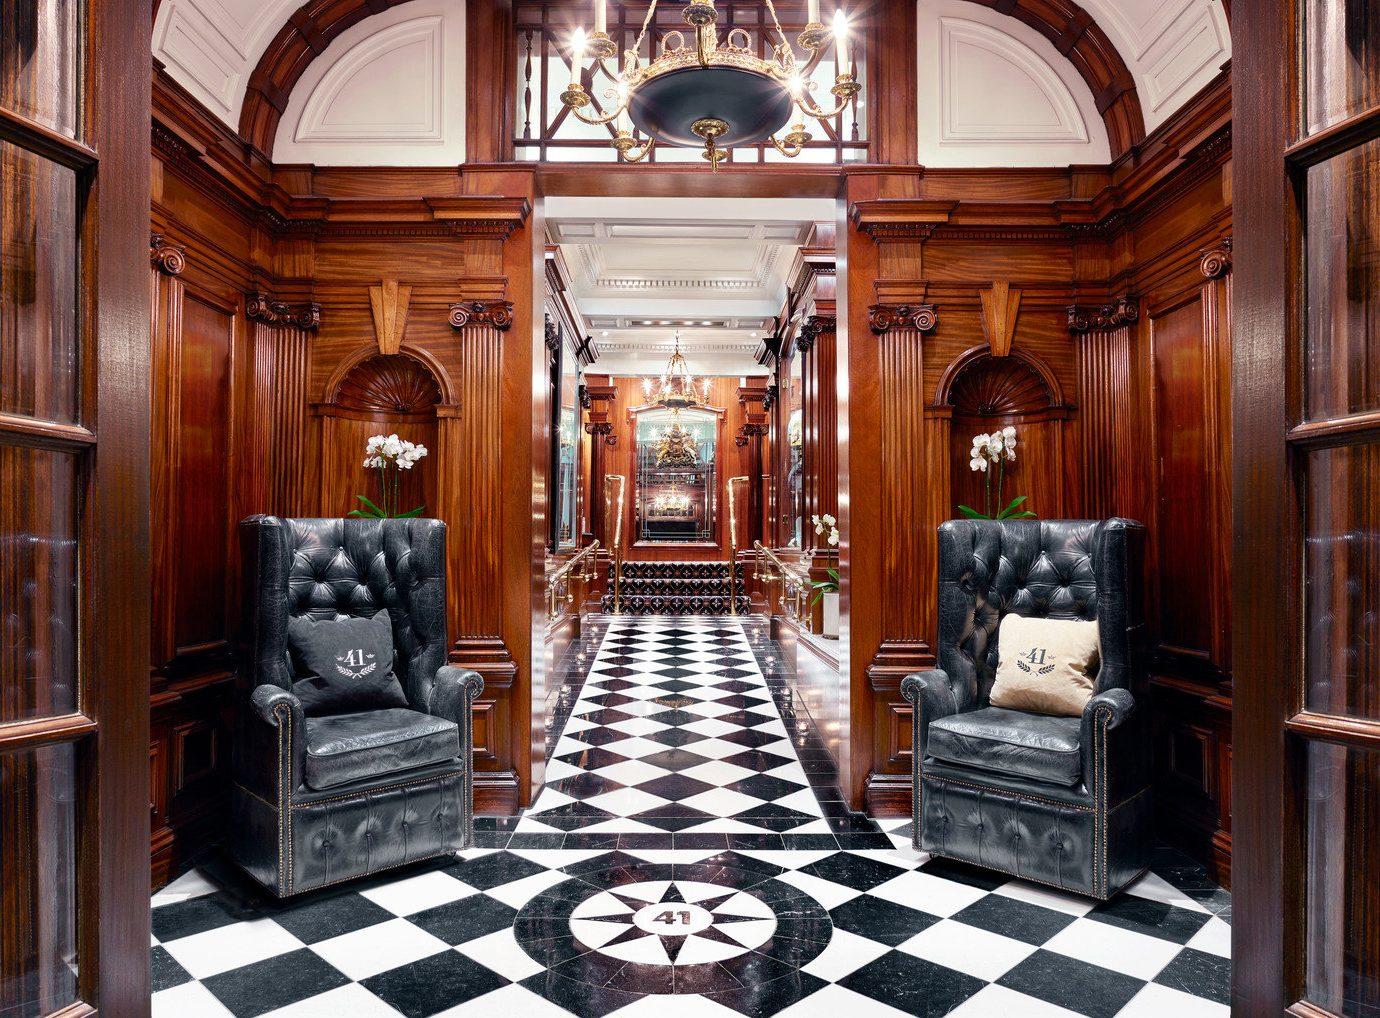 Boutique Hotels Hotels indoor floor room building estate mansion wooden interior design hall furniture wood tile